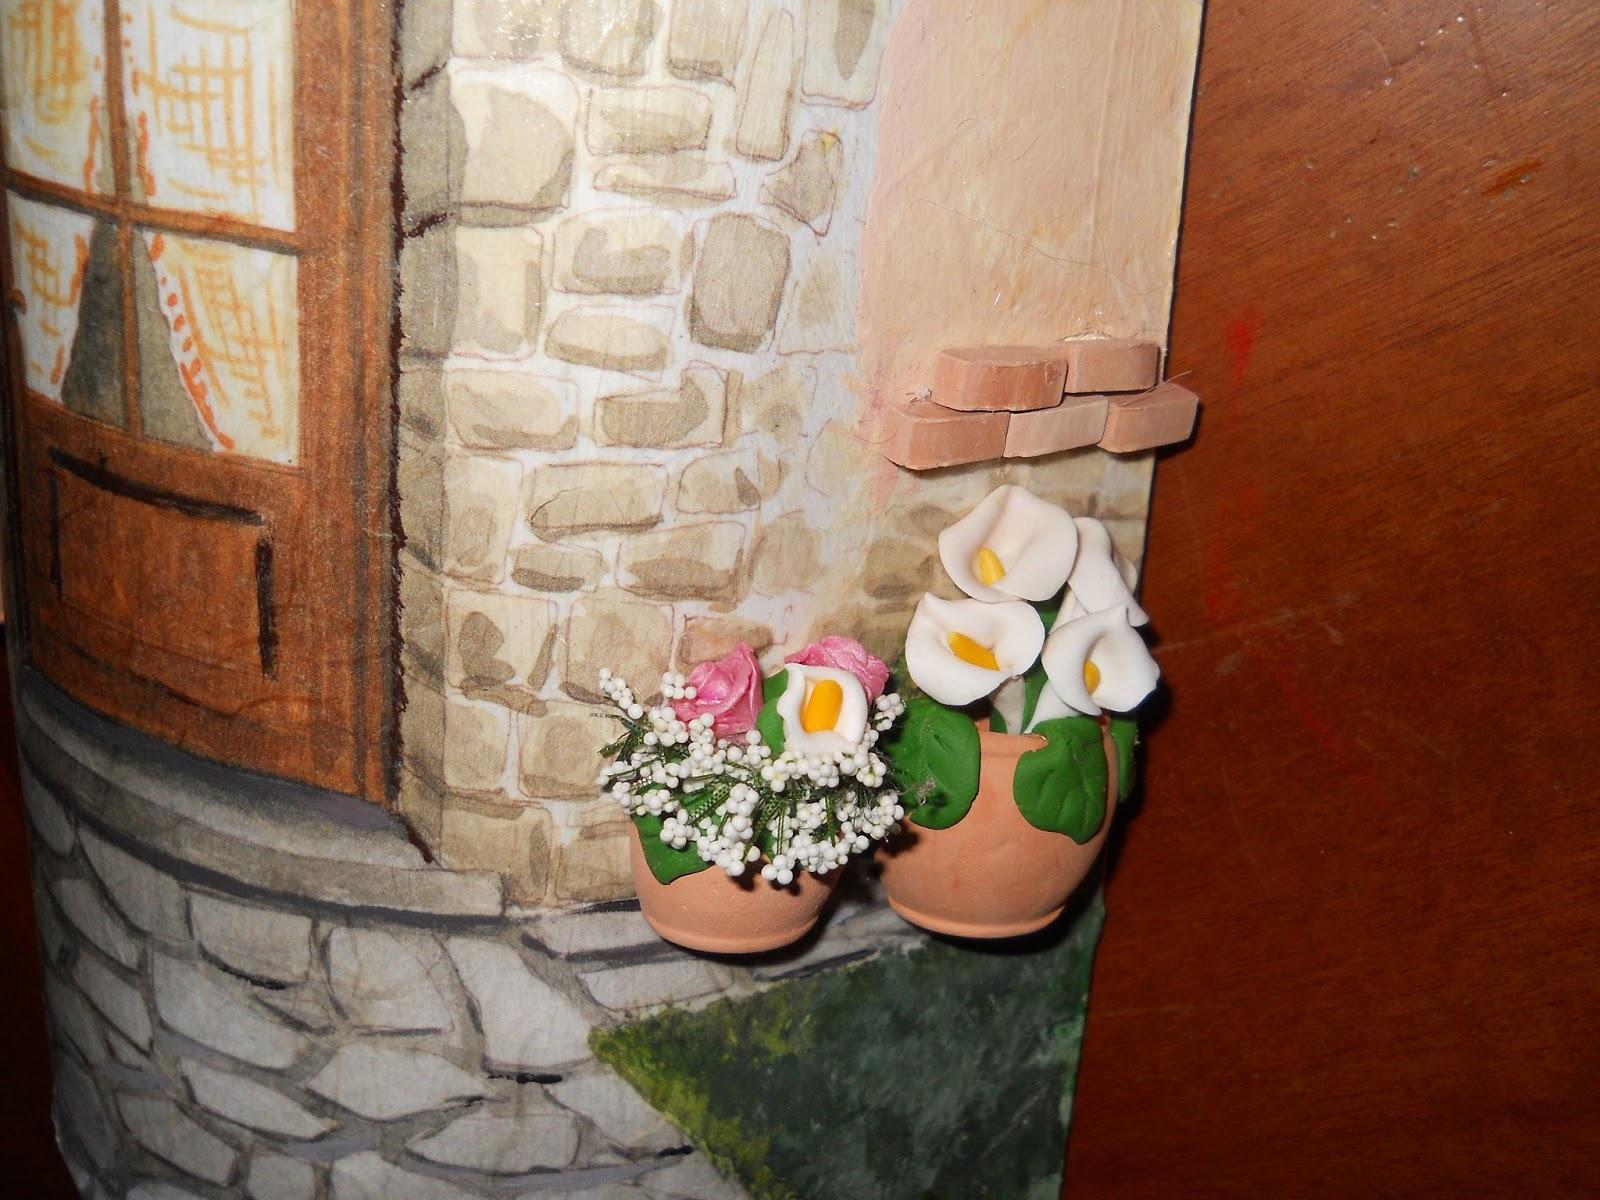 Tegole - Tegole decorate in rilievo ...